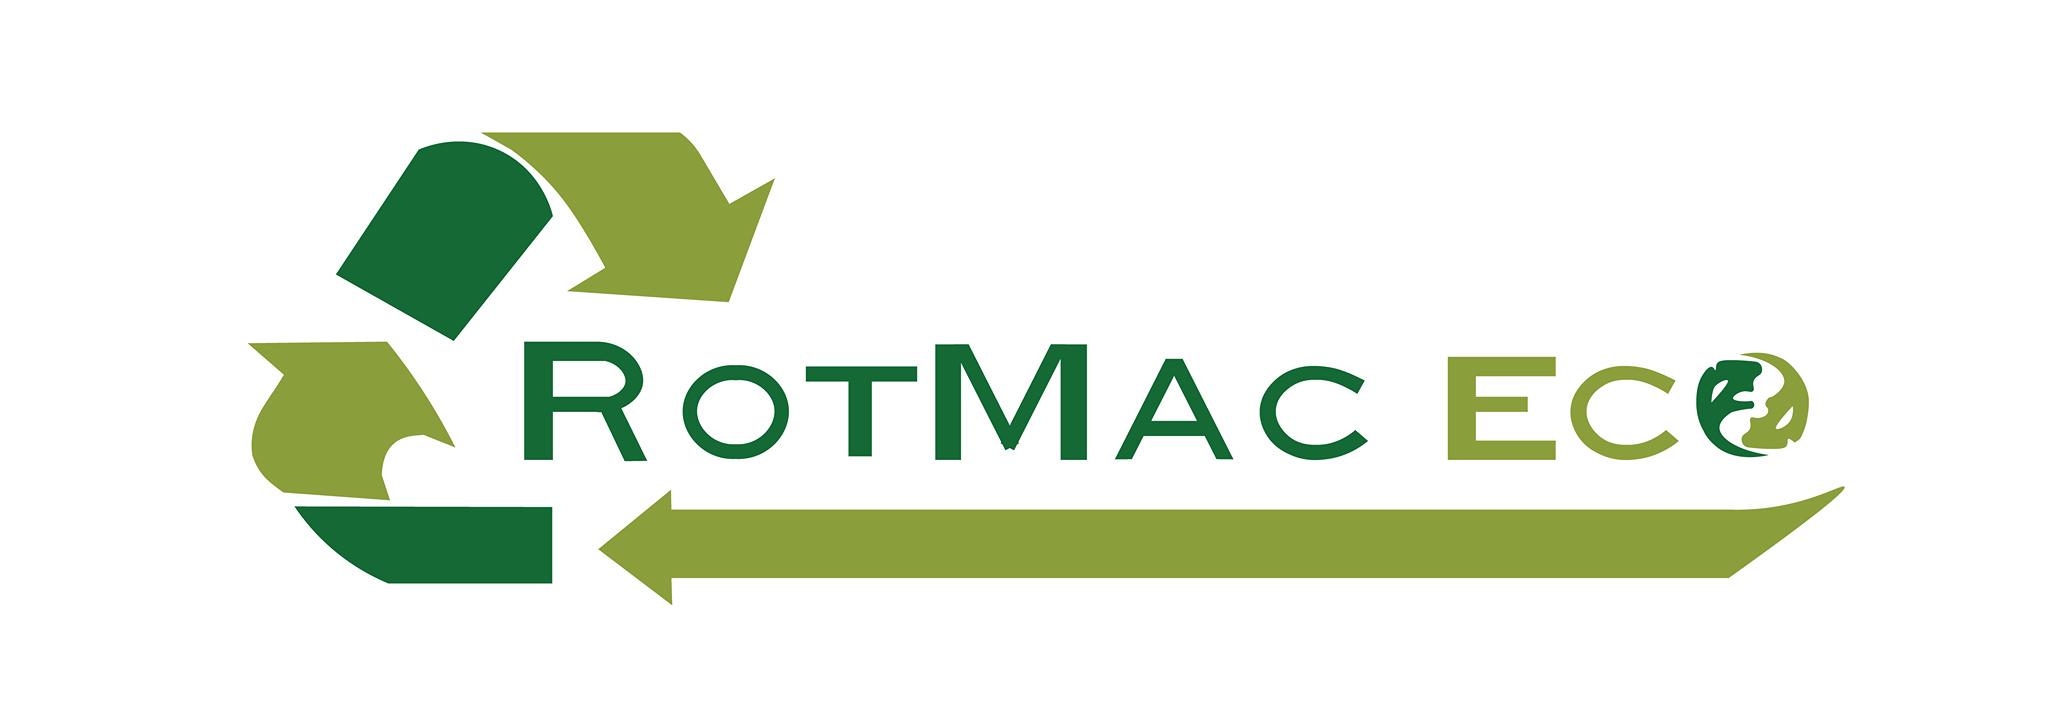 ROTMAC-ECO SRL - Firmă de colectare și reciclare deșeuri în Marginea, județul Suceava